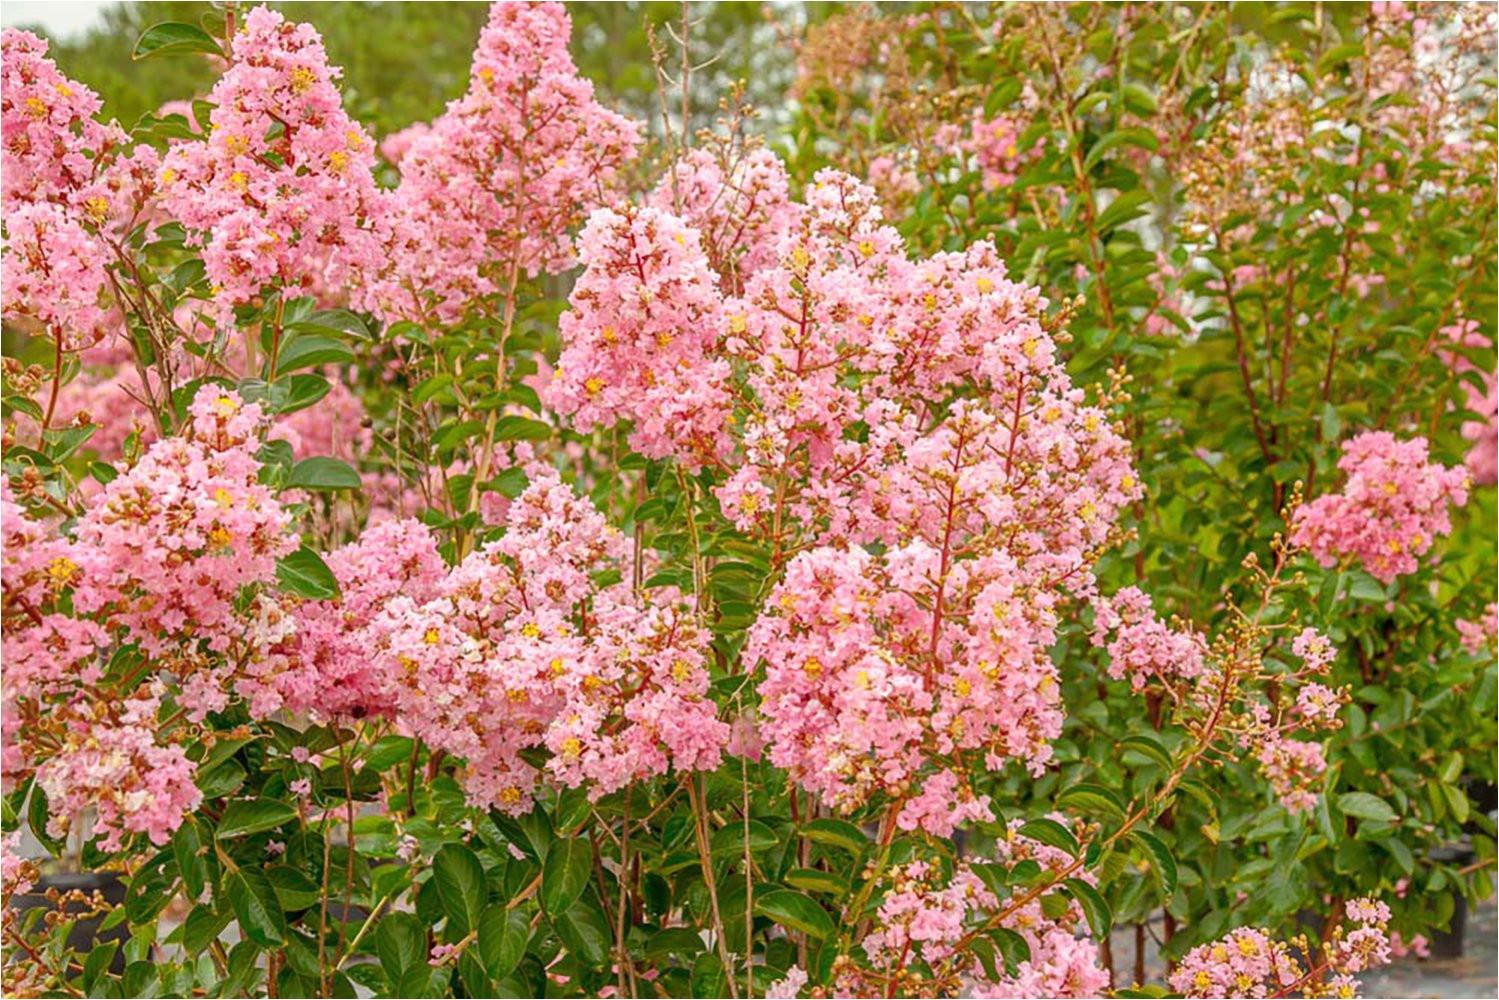 amazon com sioux crape myrtle size 4 5 live plant includes special blend fertilizer planting guide garden outdoor